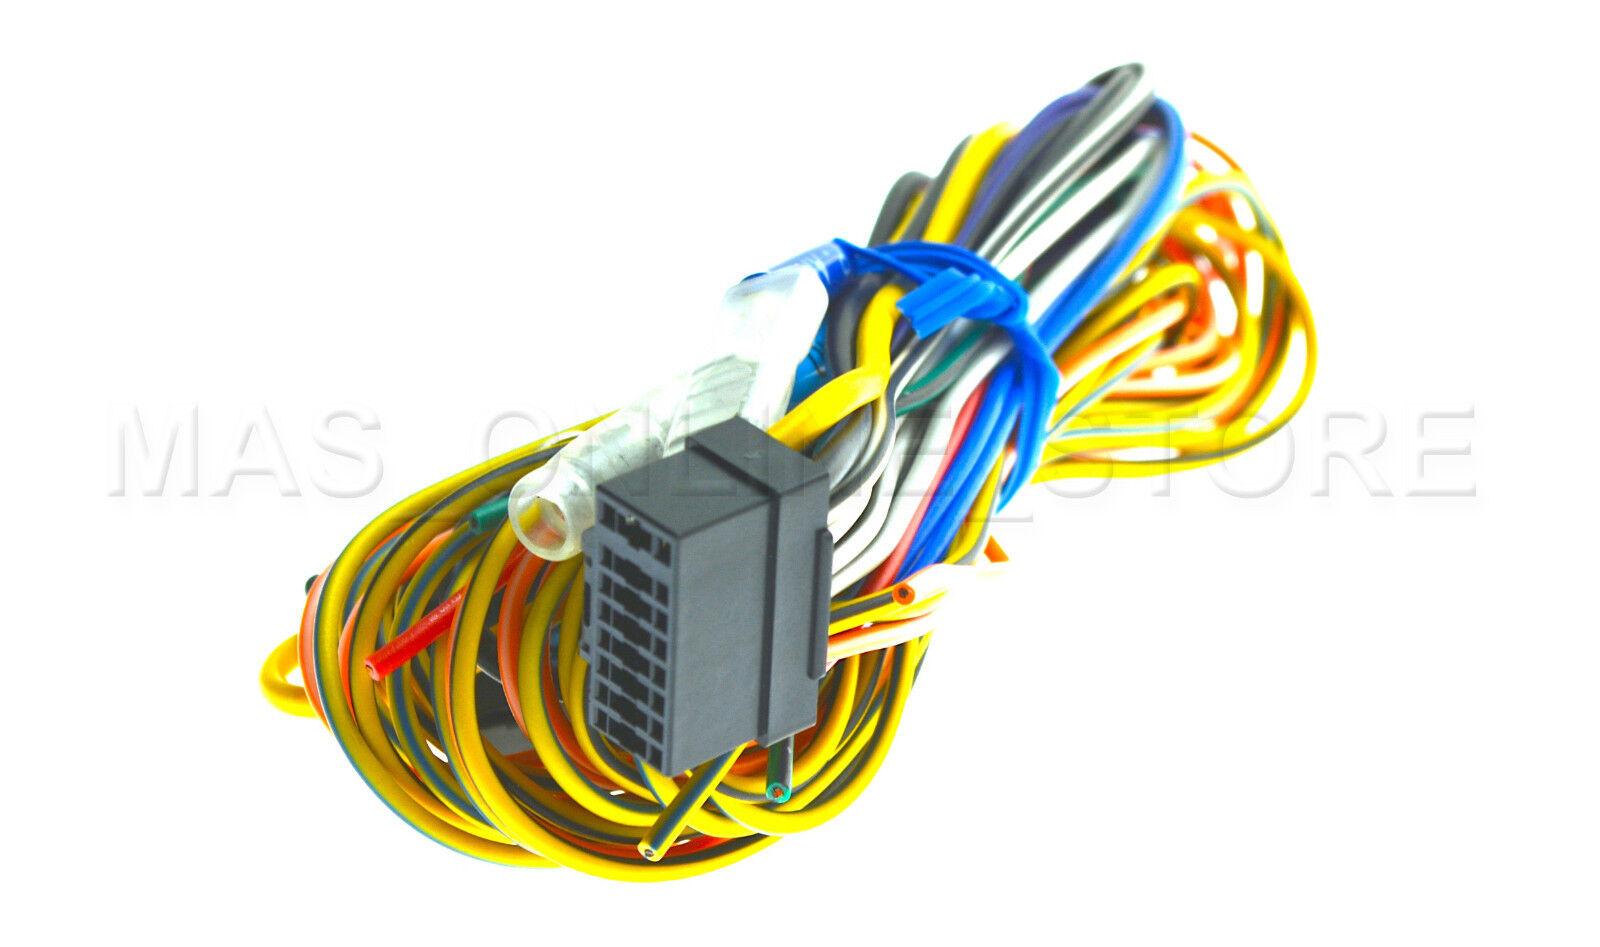 Alpine Iva W200 Ivaw200 W203 Ivaw203 Genuine Wire Harness Ebay W205 Wiring